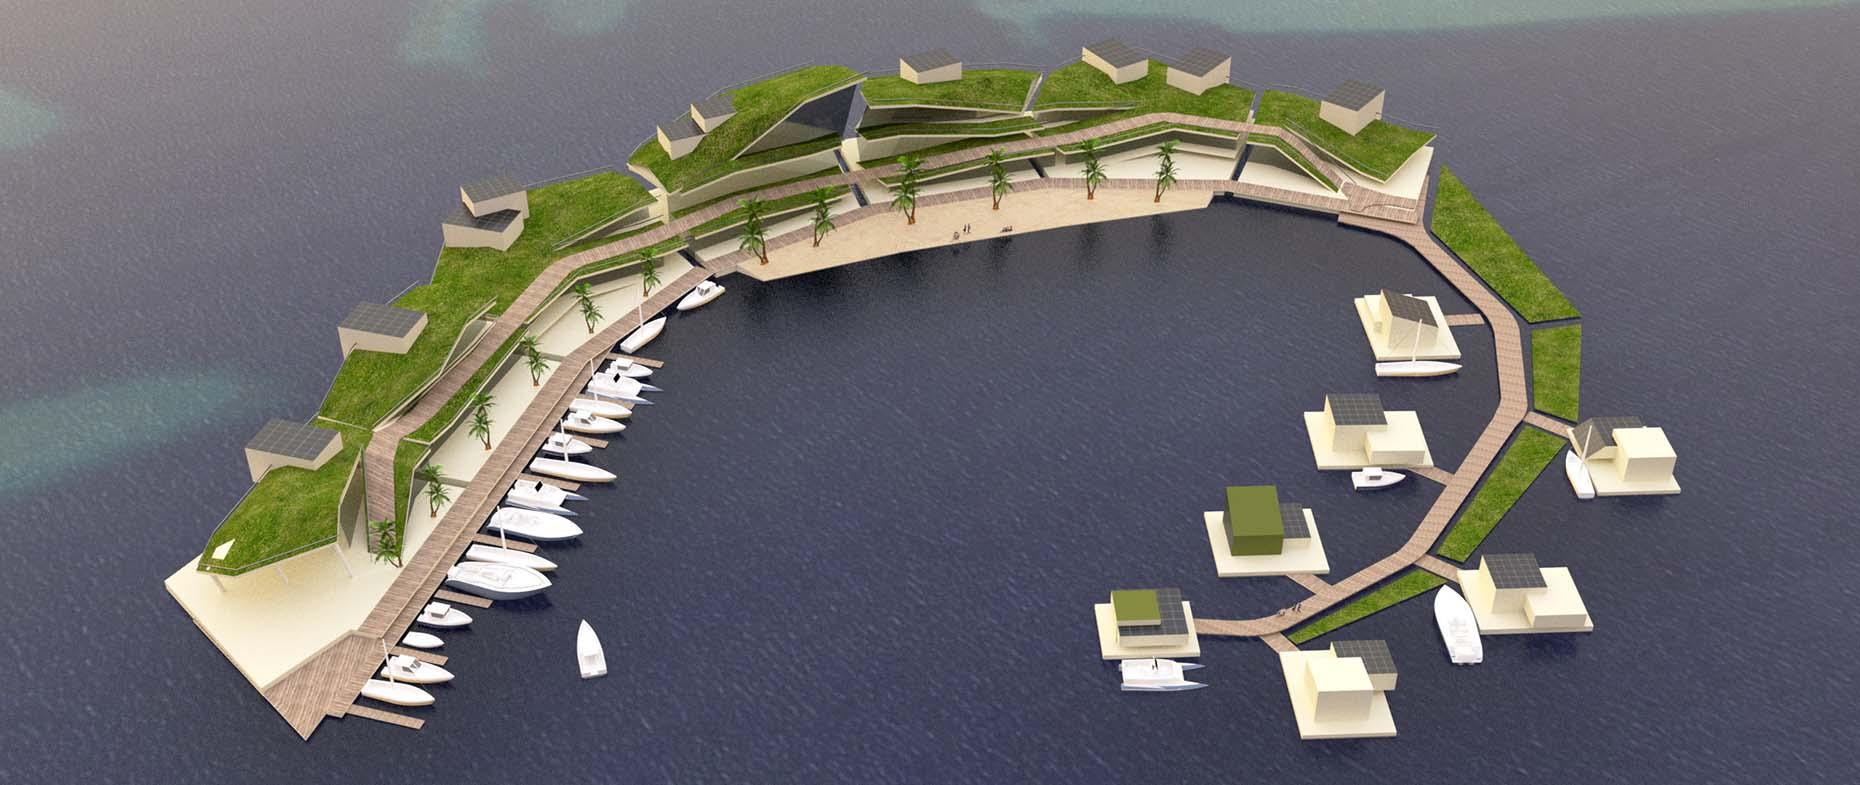 Une représentation d'architecte imaginant une île flottante. Les chances que ce prototype très high tech voie le jour en Polynésie ont fortement diminué ces derniers mois. (crédit photo : Blue Frontiers)